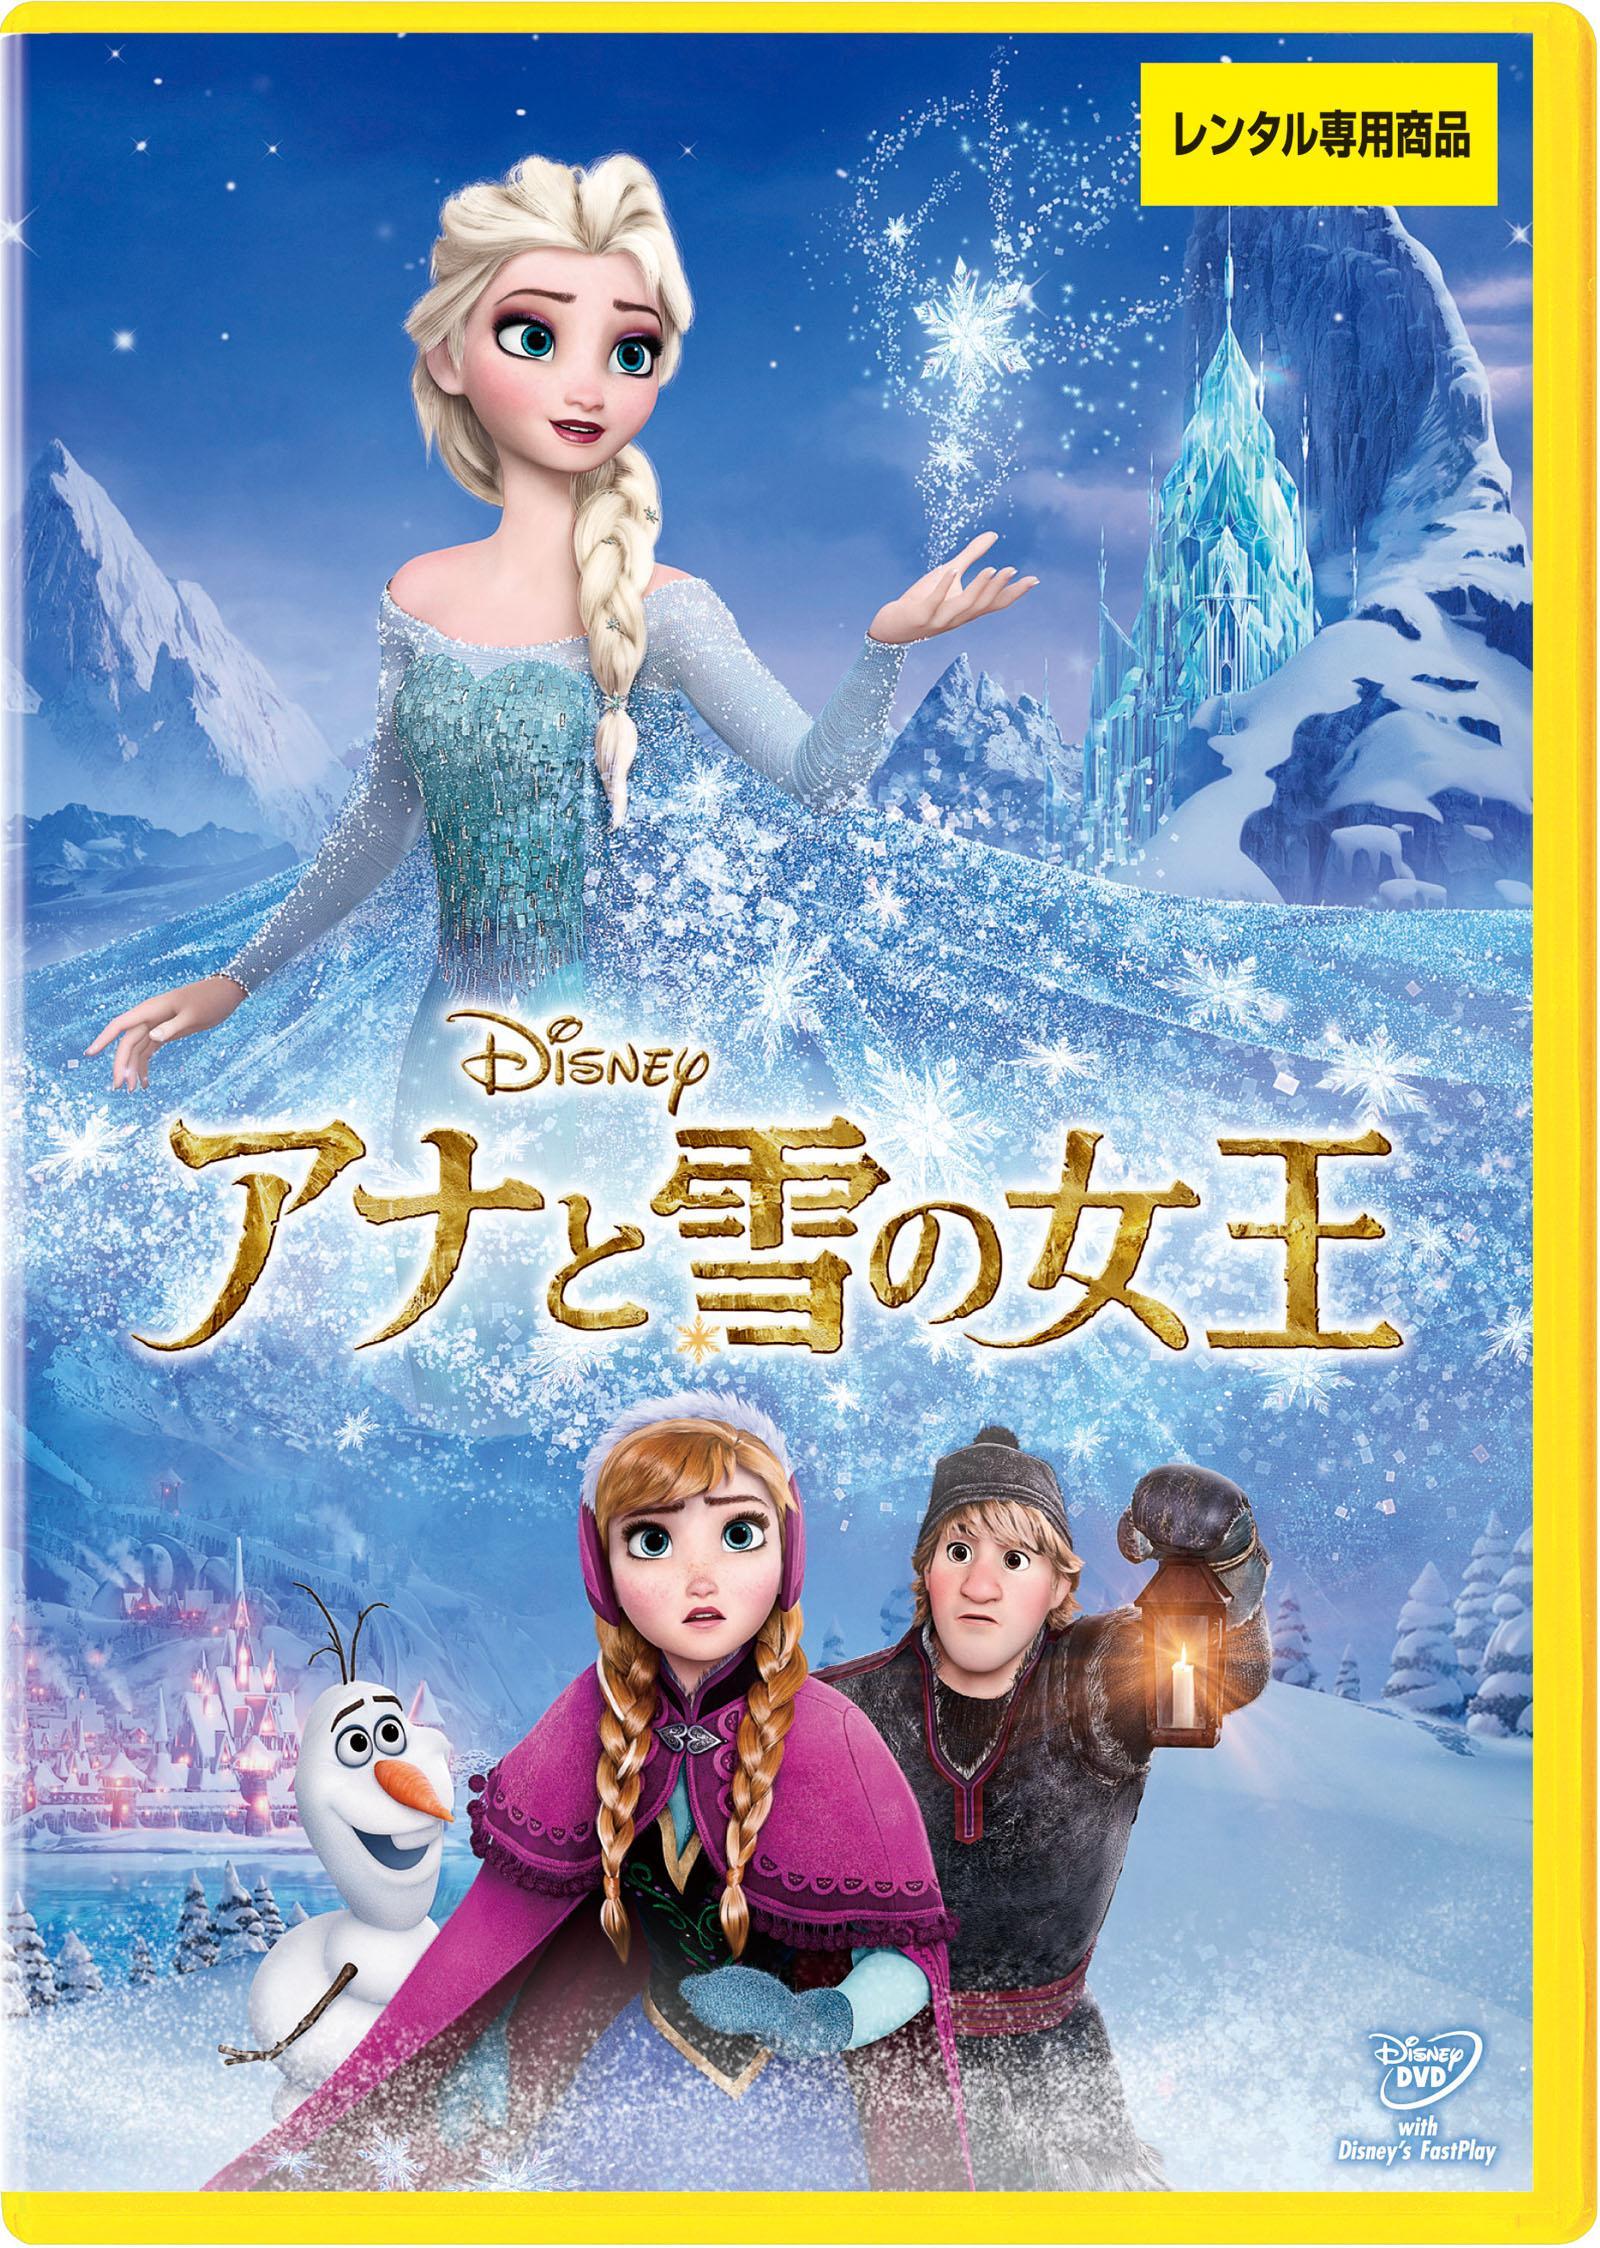 アナと雪の女王 無料 動画 ネタバレ フル